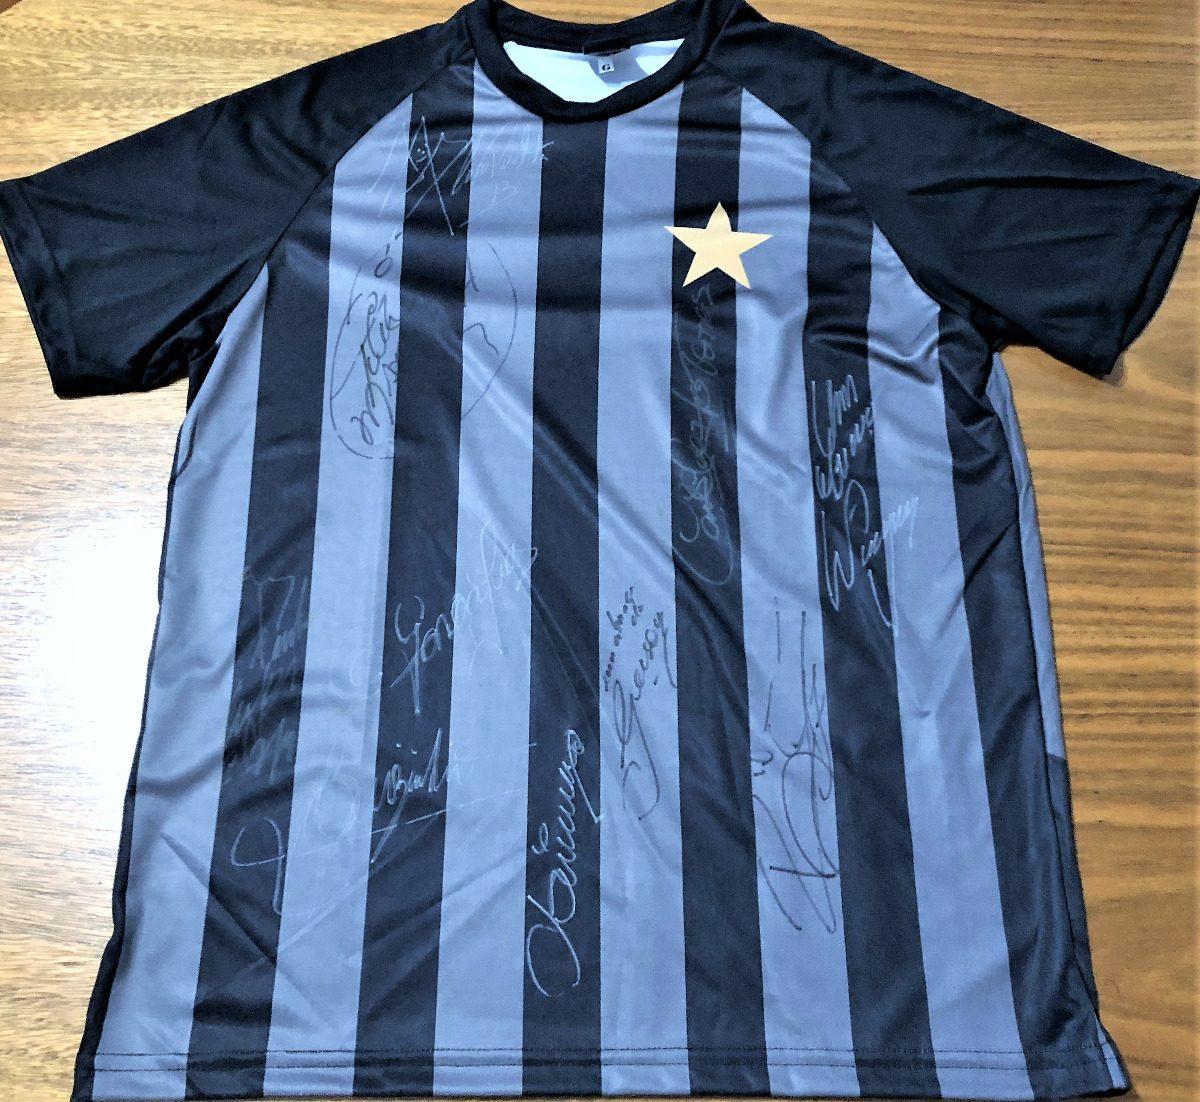 748adfbd58 camisa botafogo rj autografada 10 ídolos históricos. Carregando zoom.